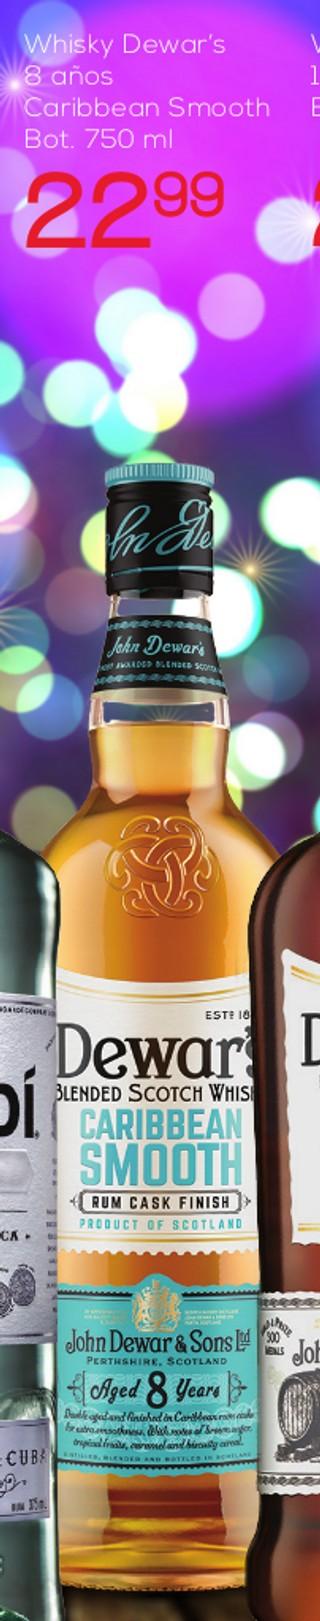 Whisky Dewar's 8 Años